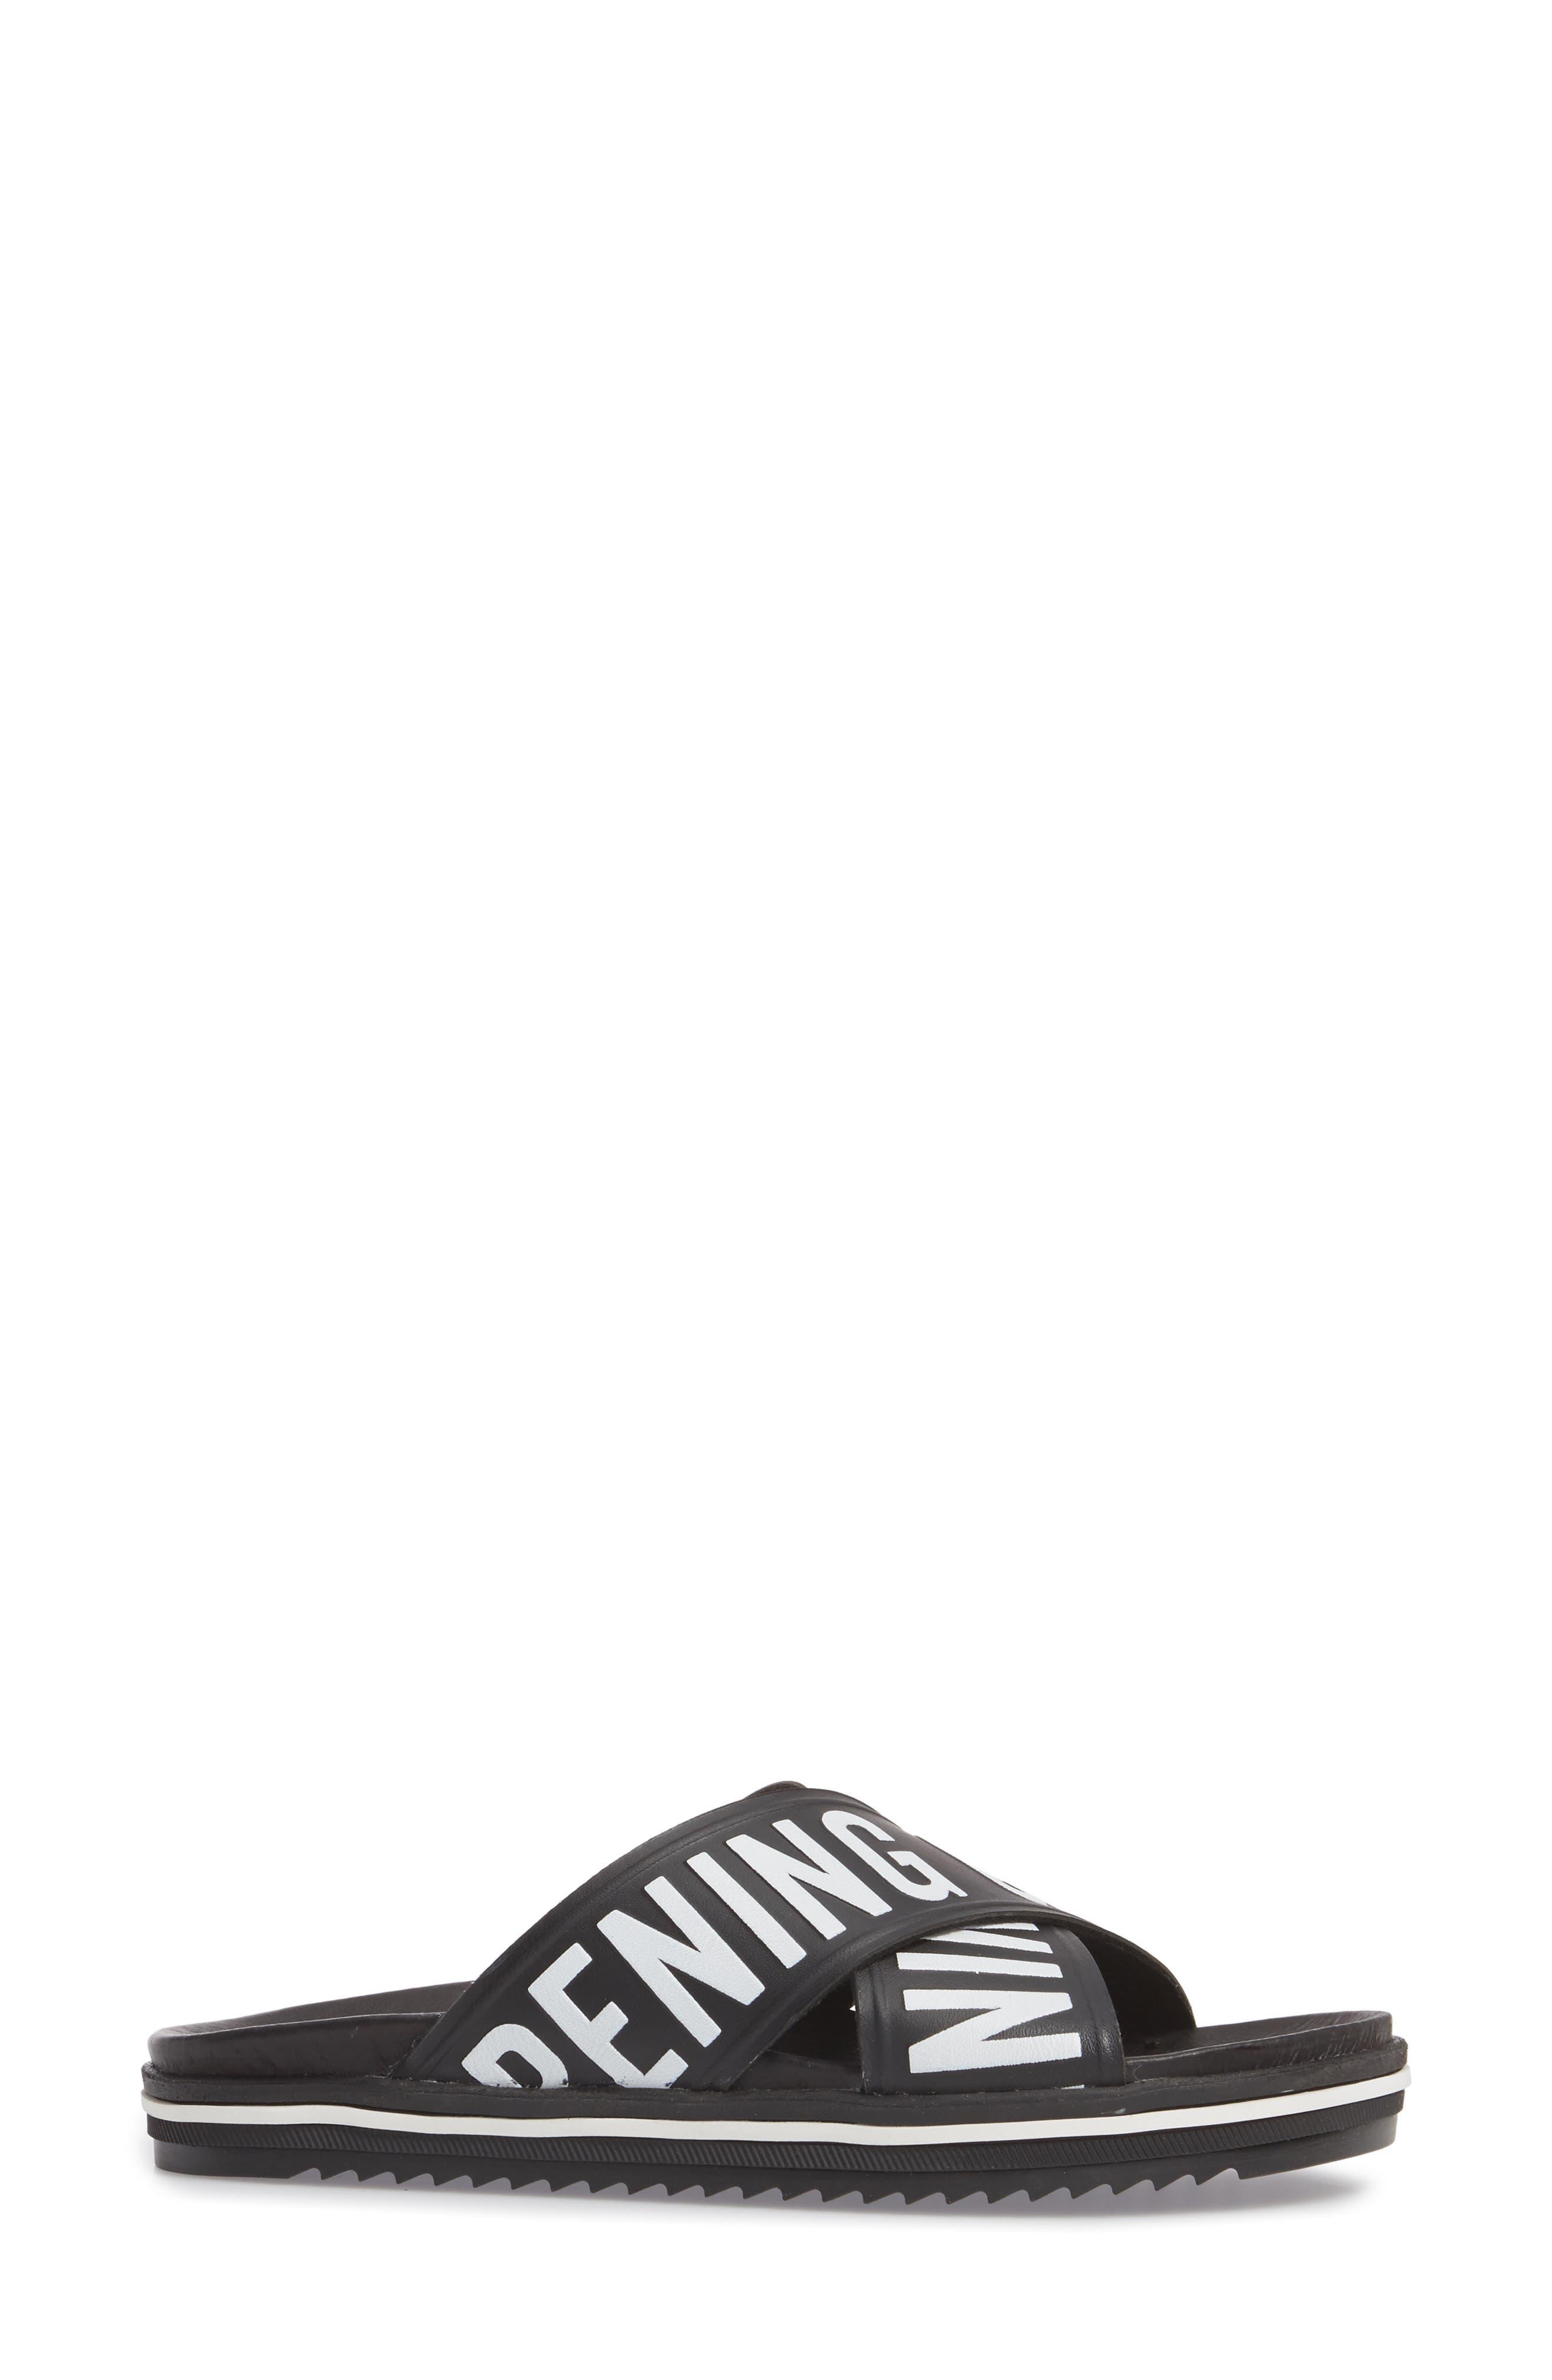 Berkeley Slide Sandal,                             Alternate thumbnail 3, color,                             Black Multi